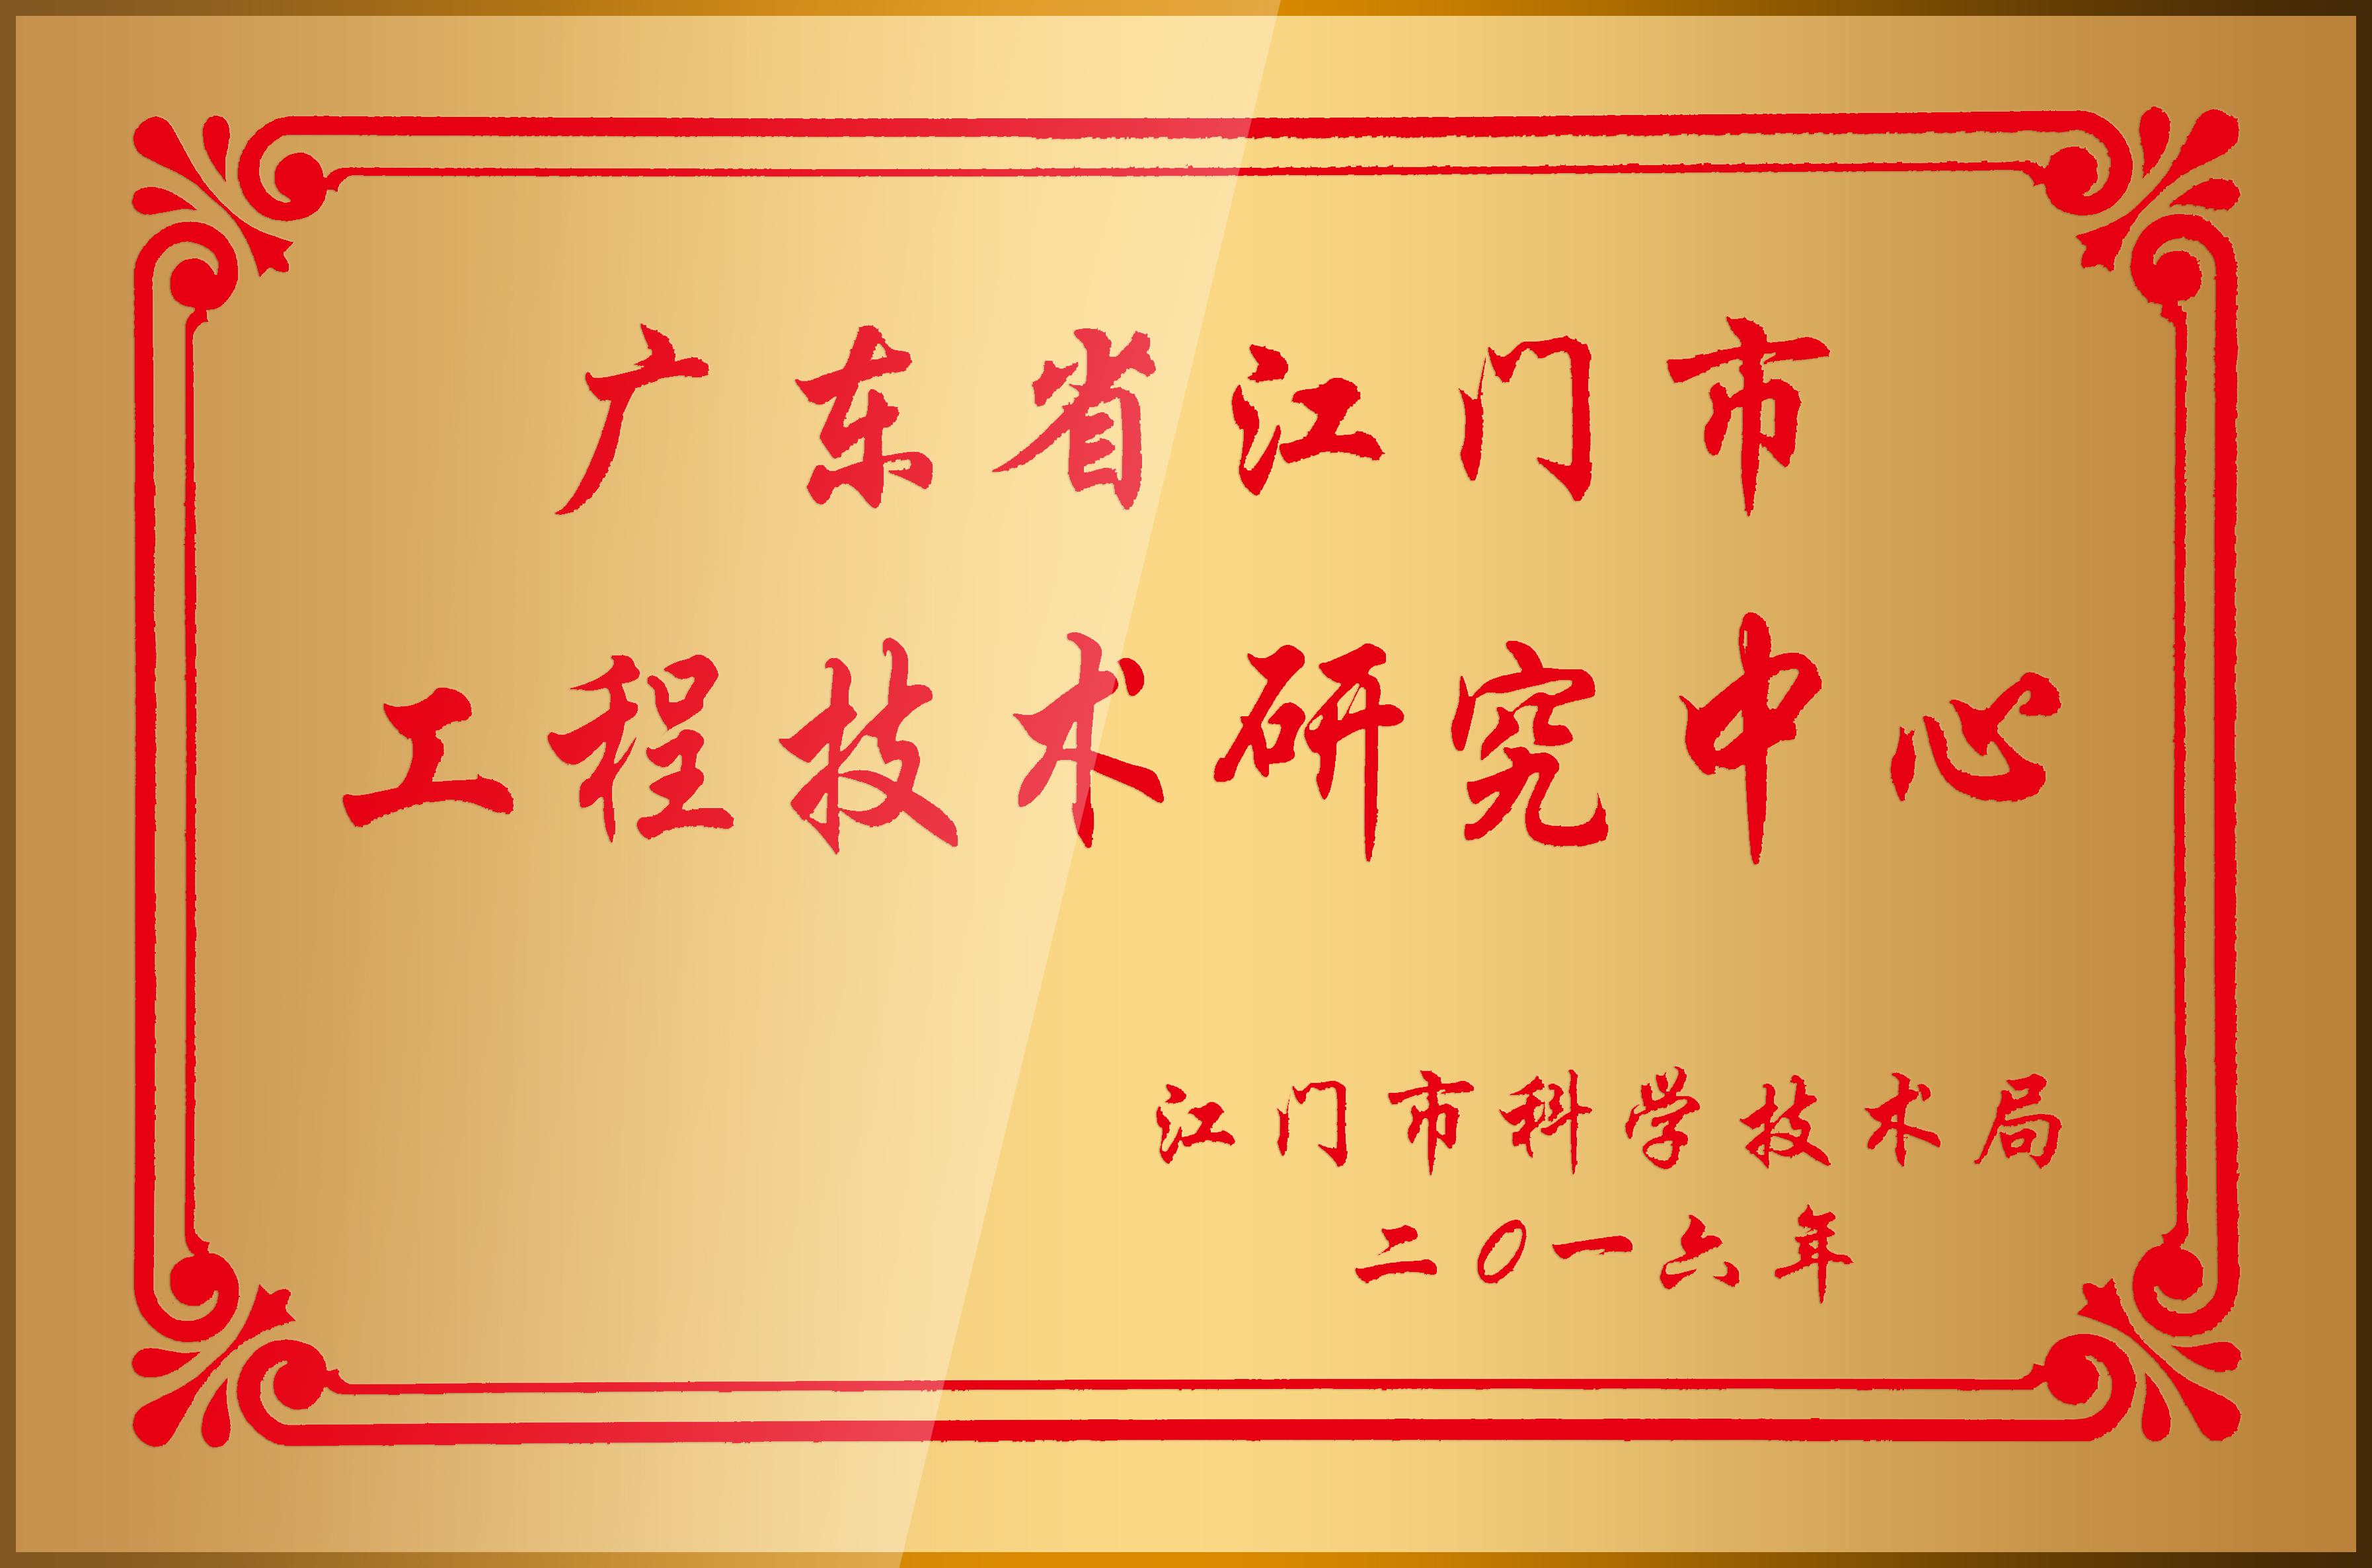 优巨新材-广东省江门市工程技术研究中心